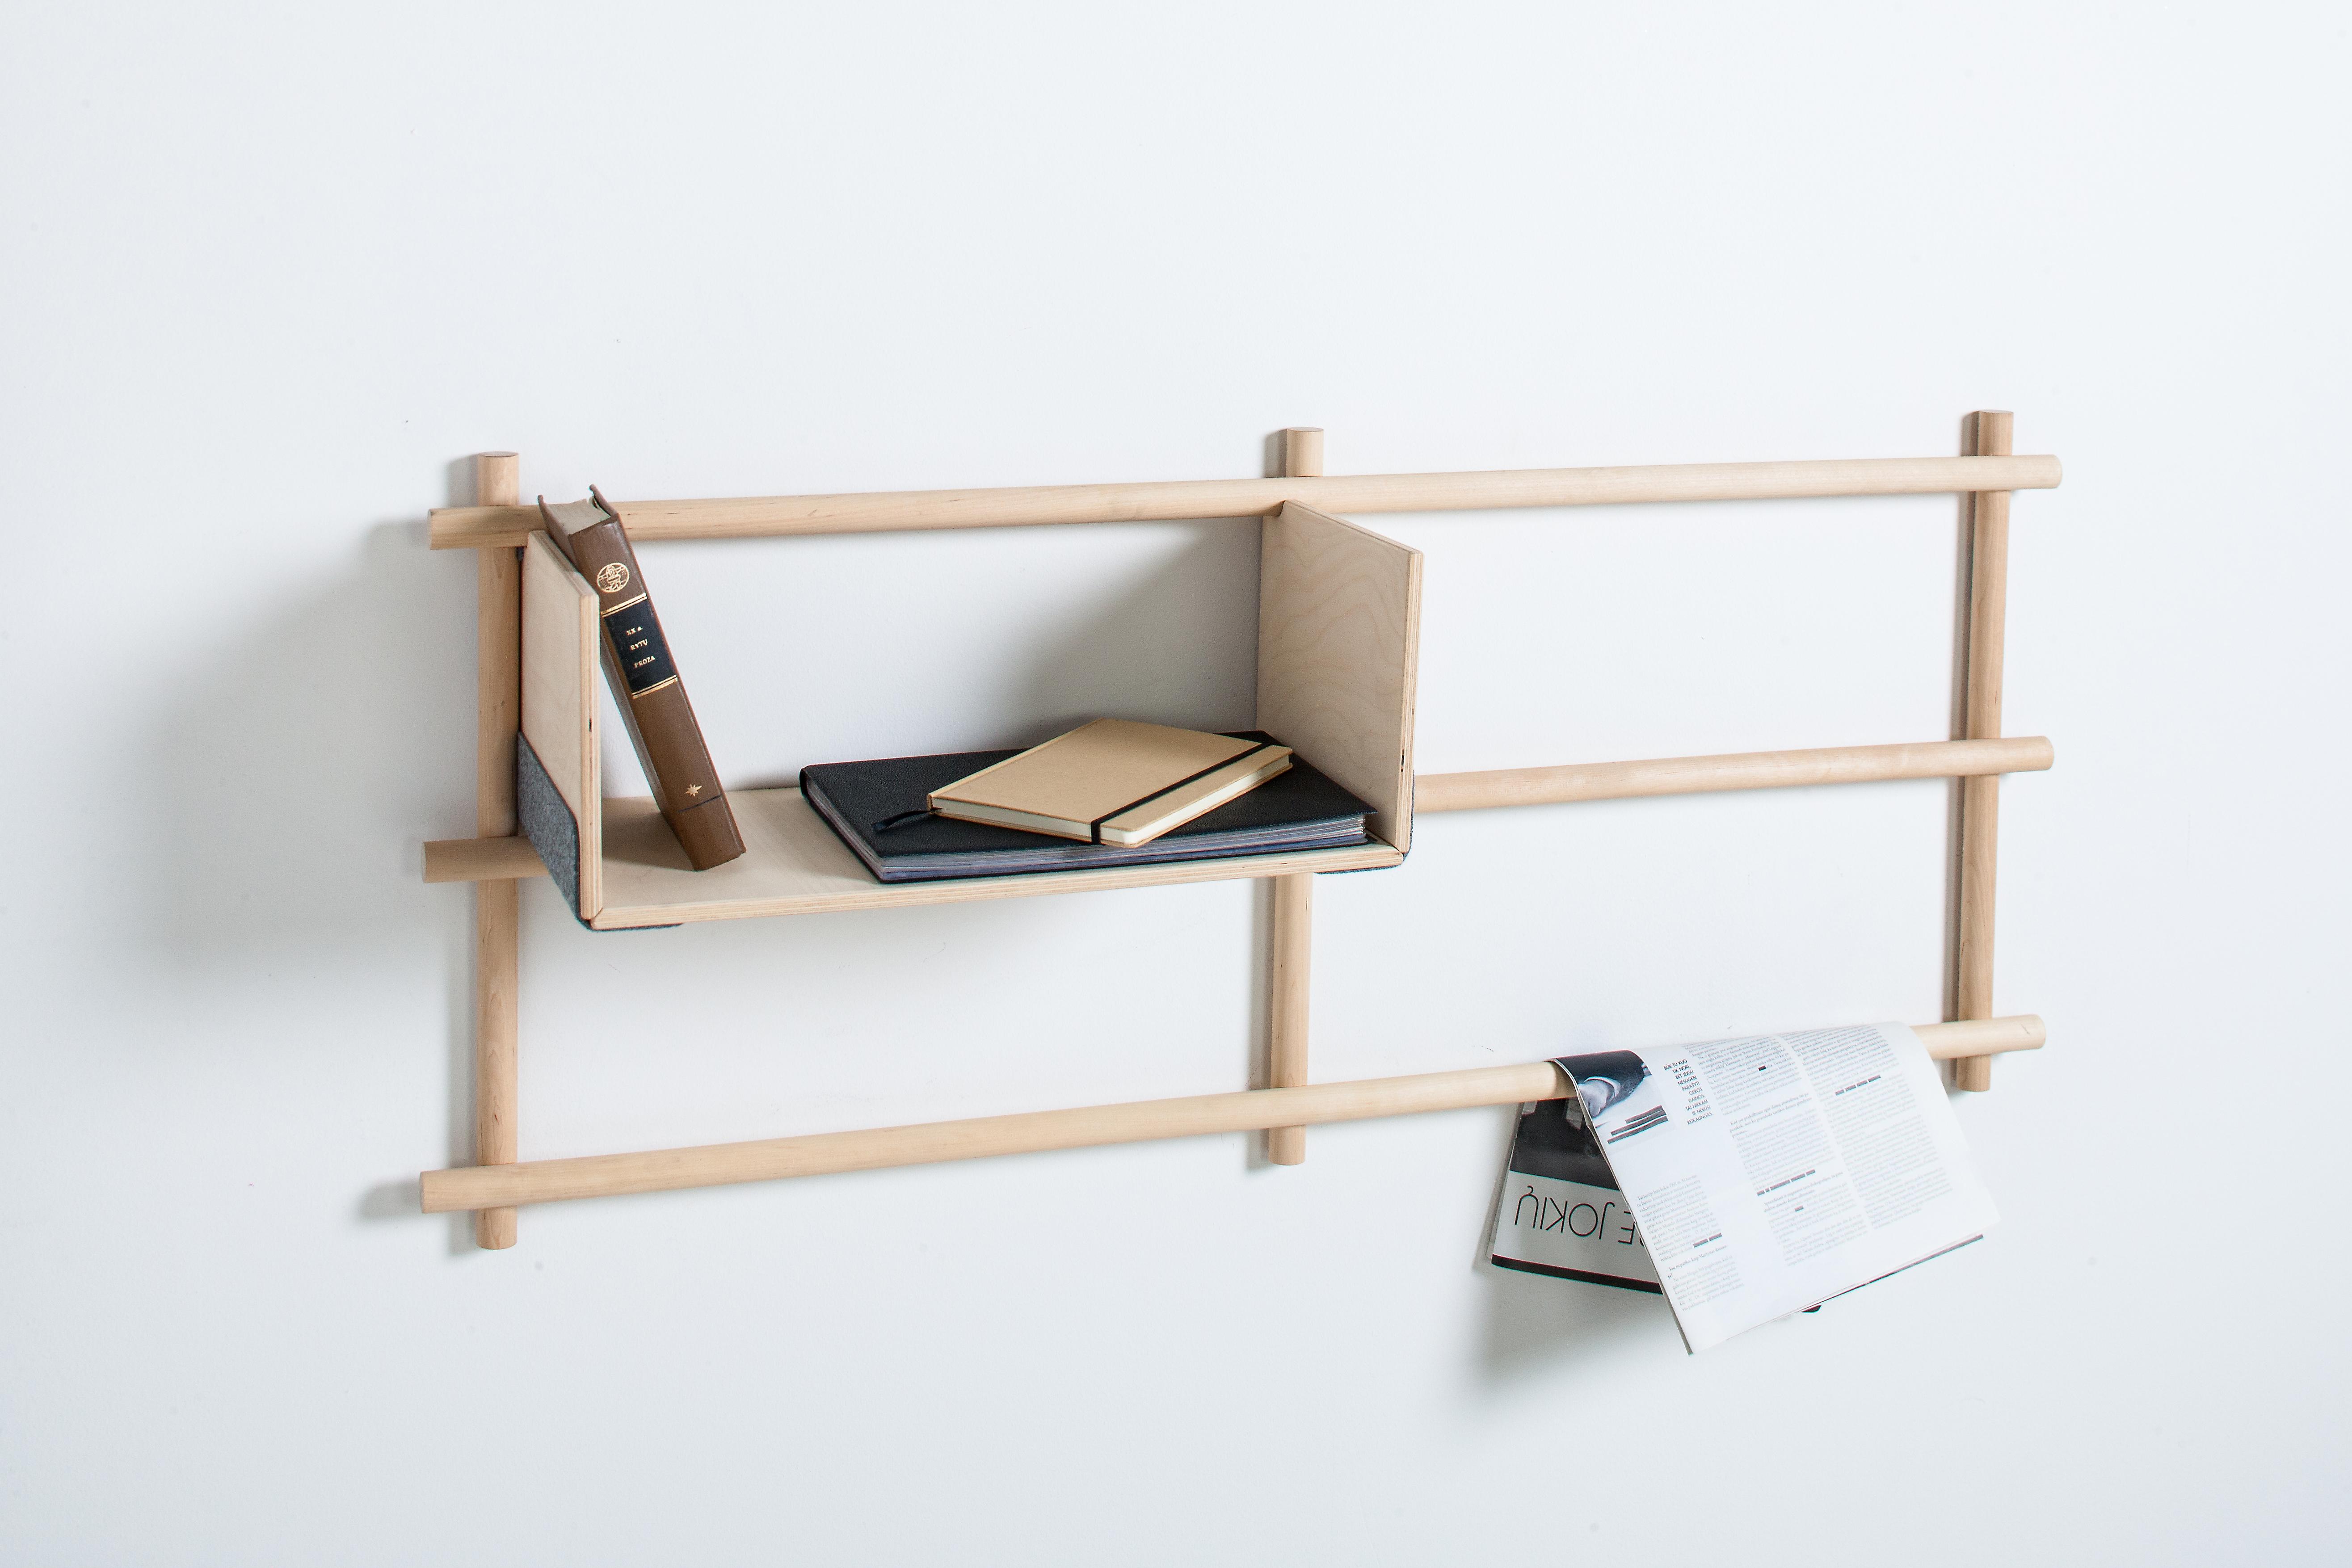 Designer Wandregal Foldin Aus Holz Von Emko